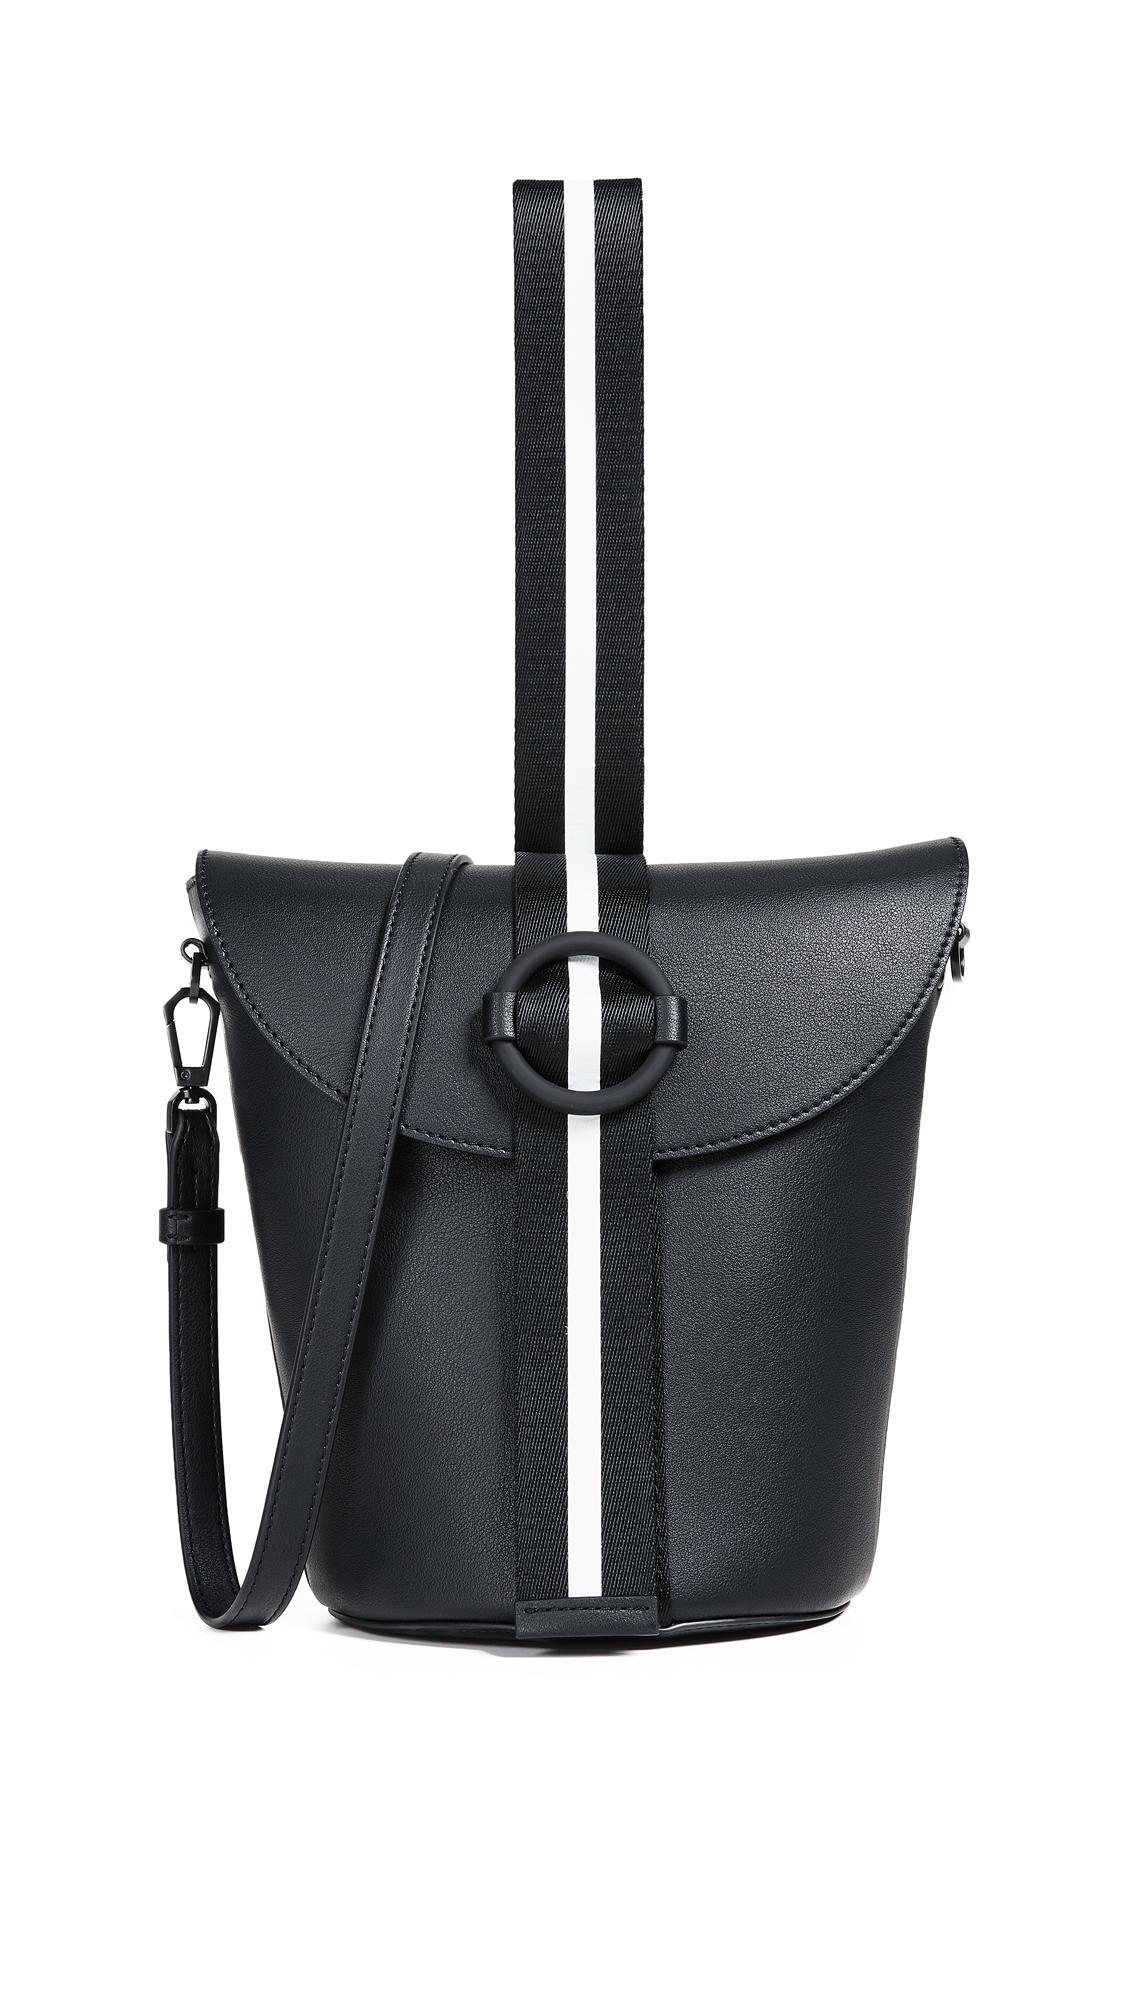 Kendall + Kylie Vivian Cross Body Bag In Black